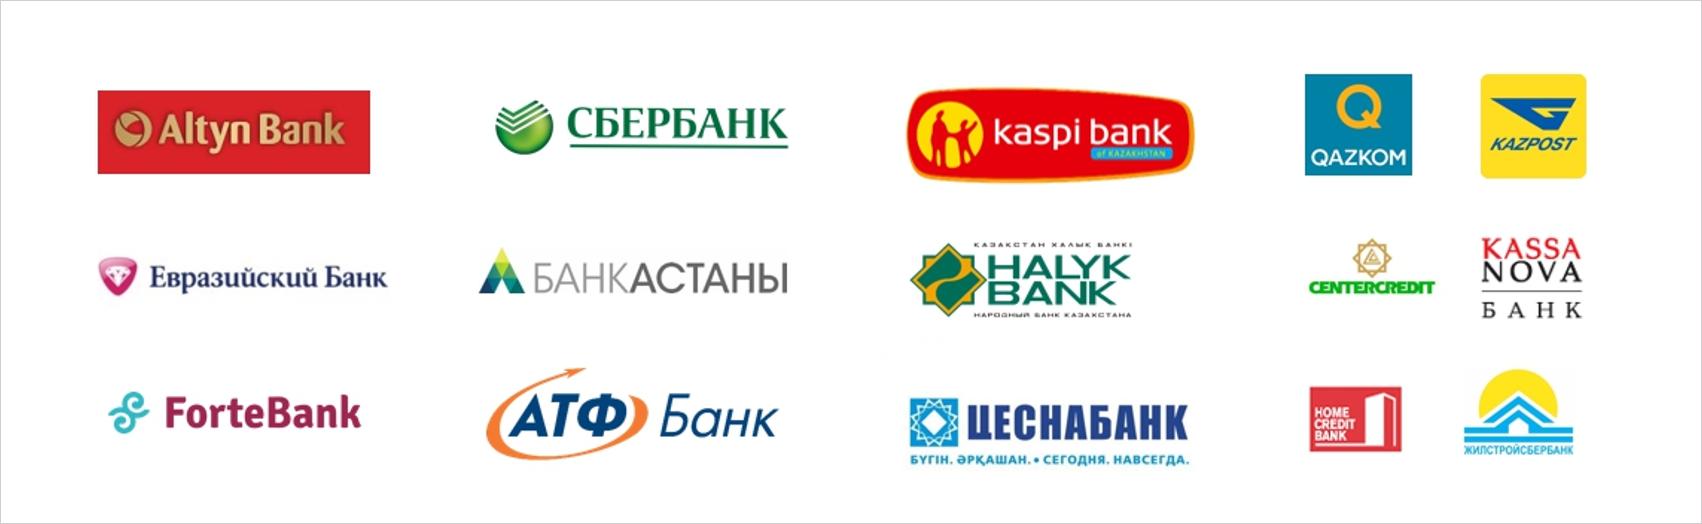 форте банк оплата кредита схема метро москвы 2020 на карте города